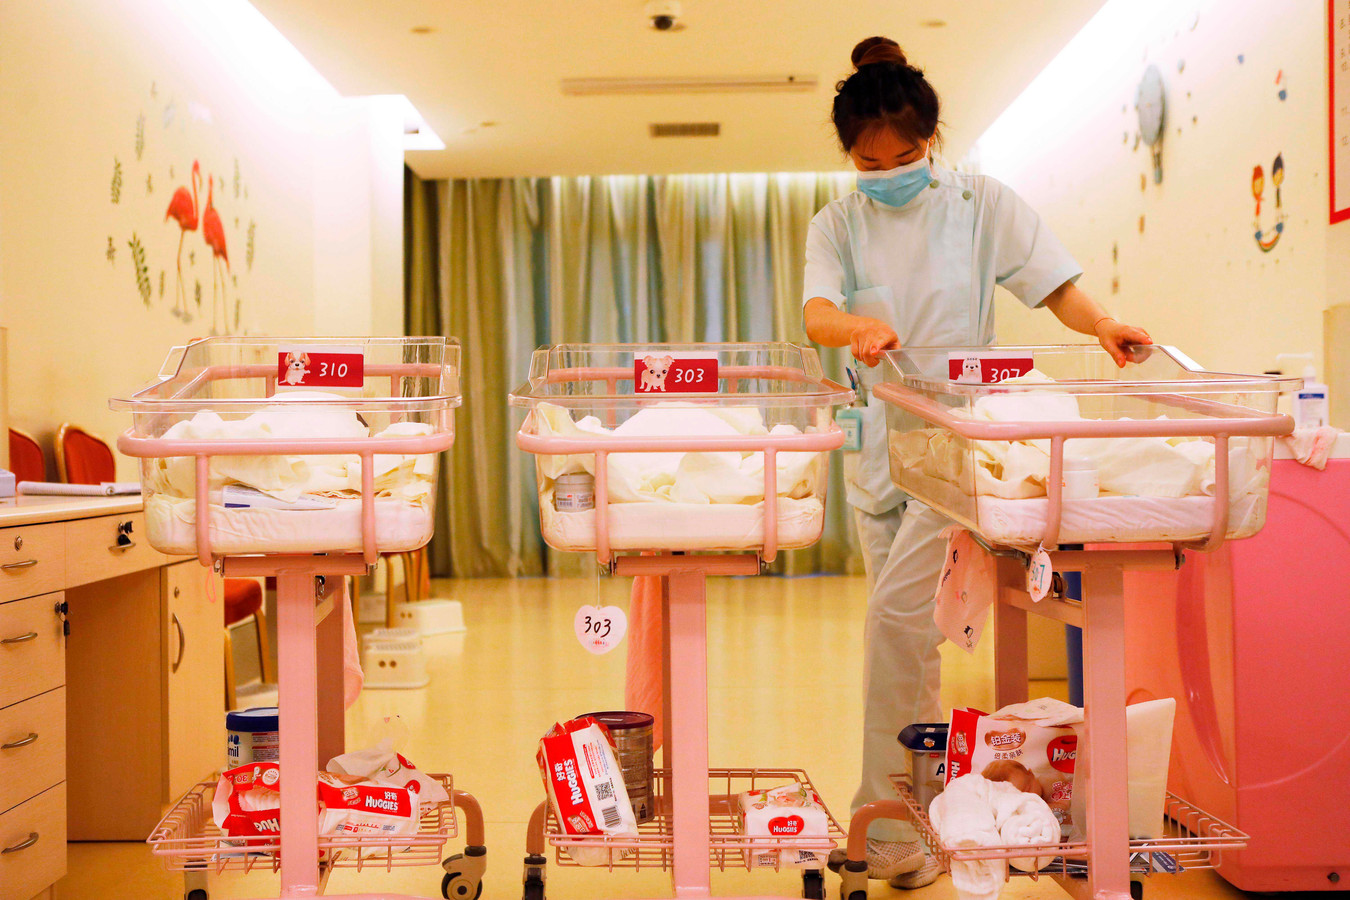 Het geboortecijfers in China was in 2019 het laagst sinds de stichting van de Volksrepubliek China.